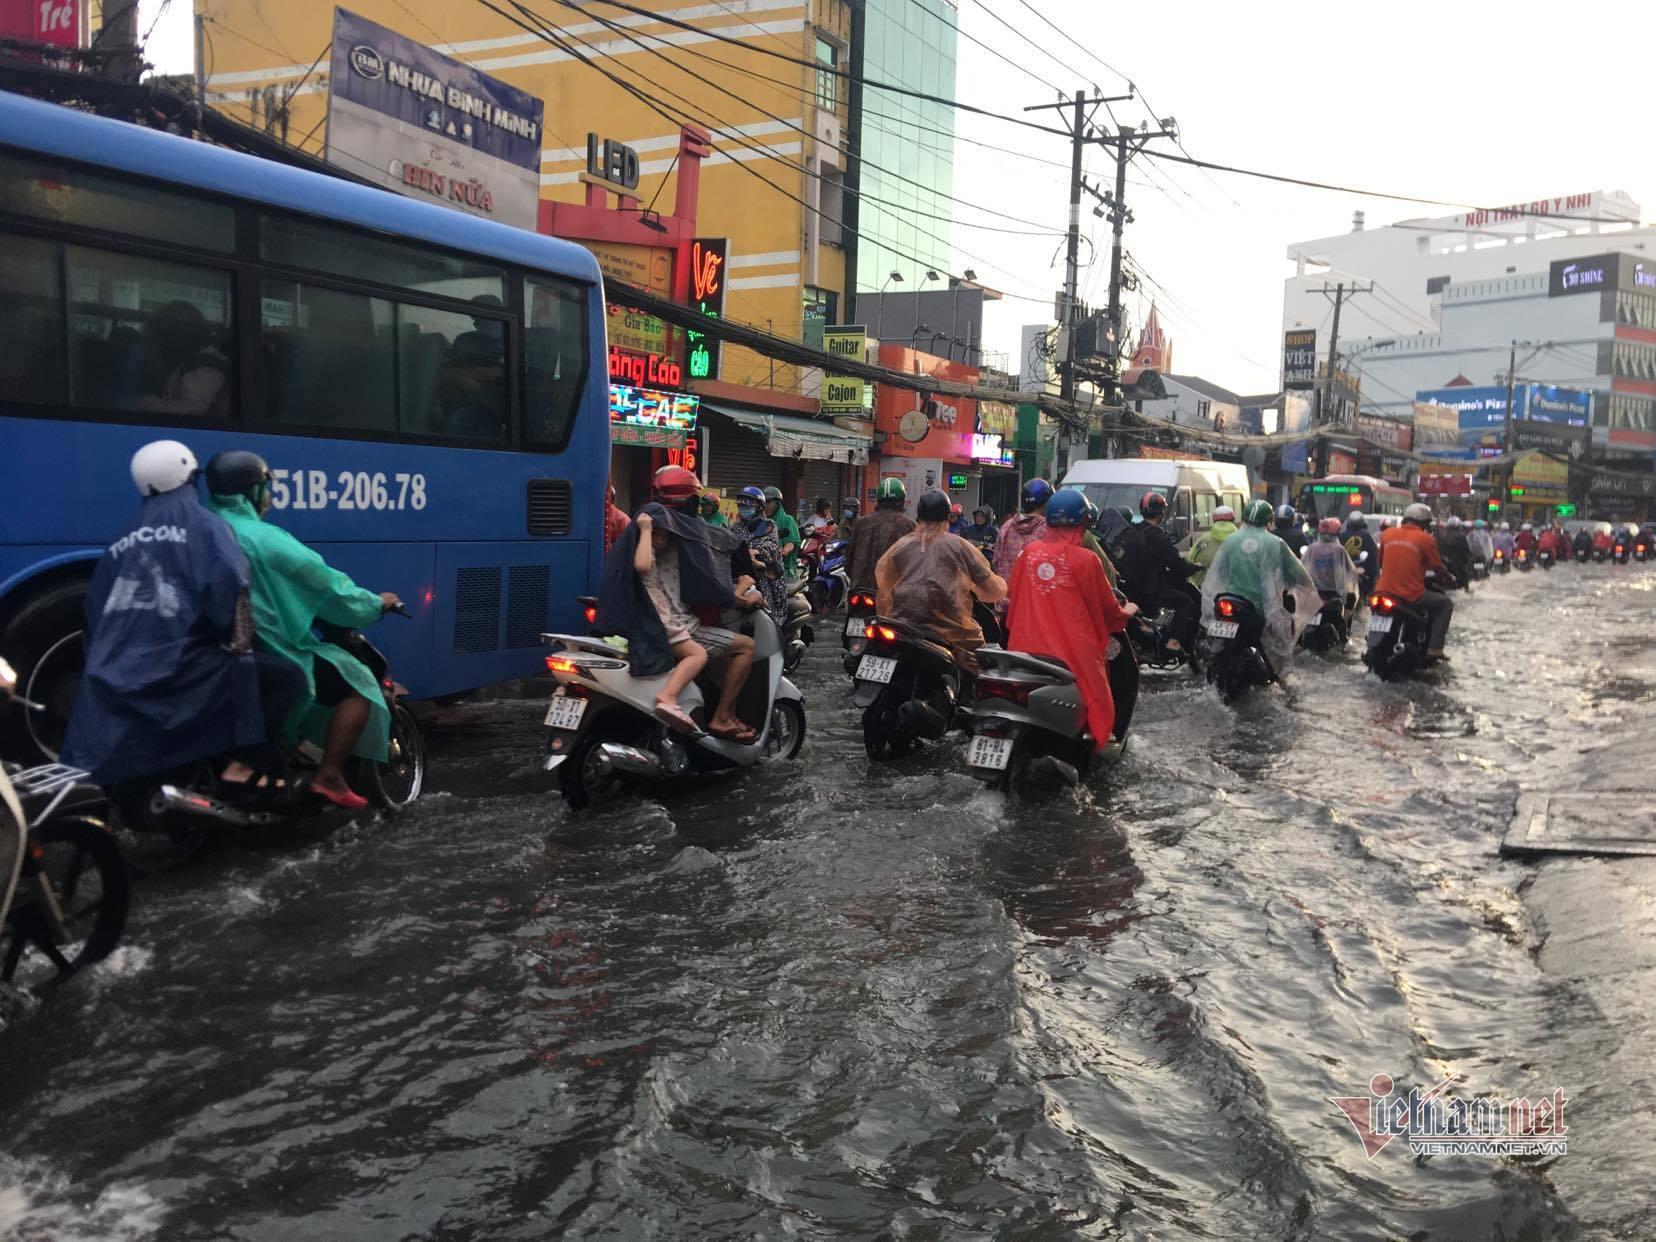 Mưa trái mùa giờ tan tầm, người Sài Gòn ướt sũng trên đường về nhà